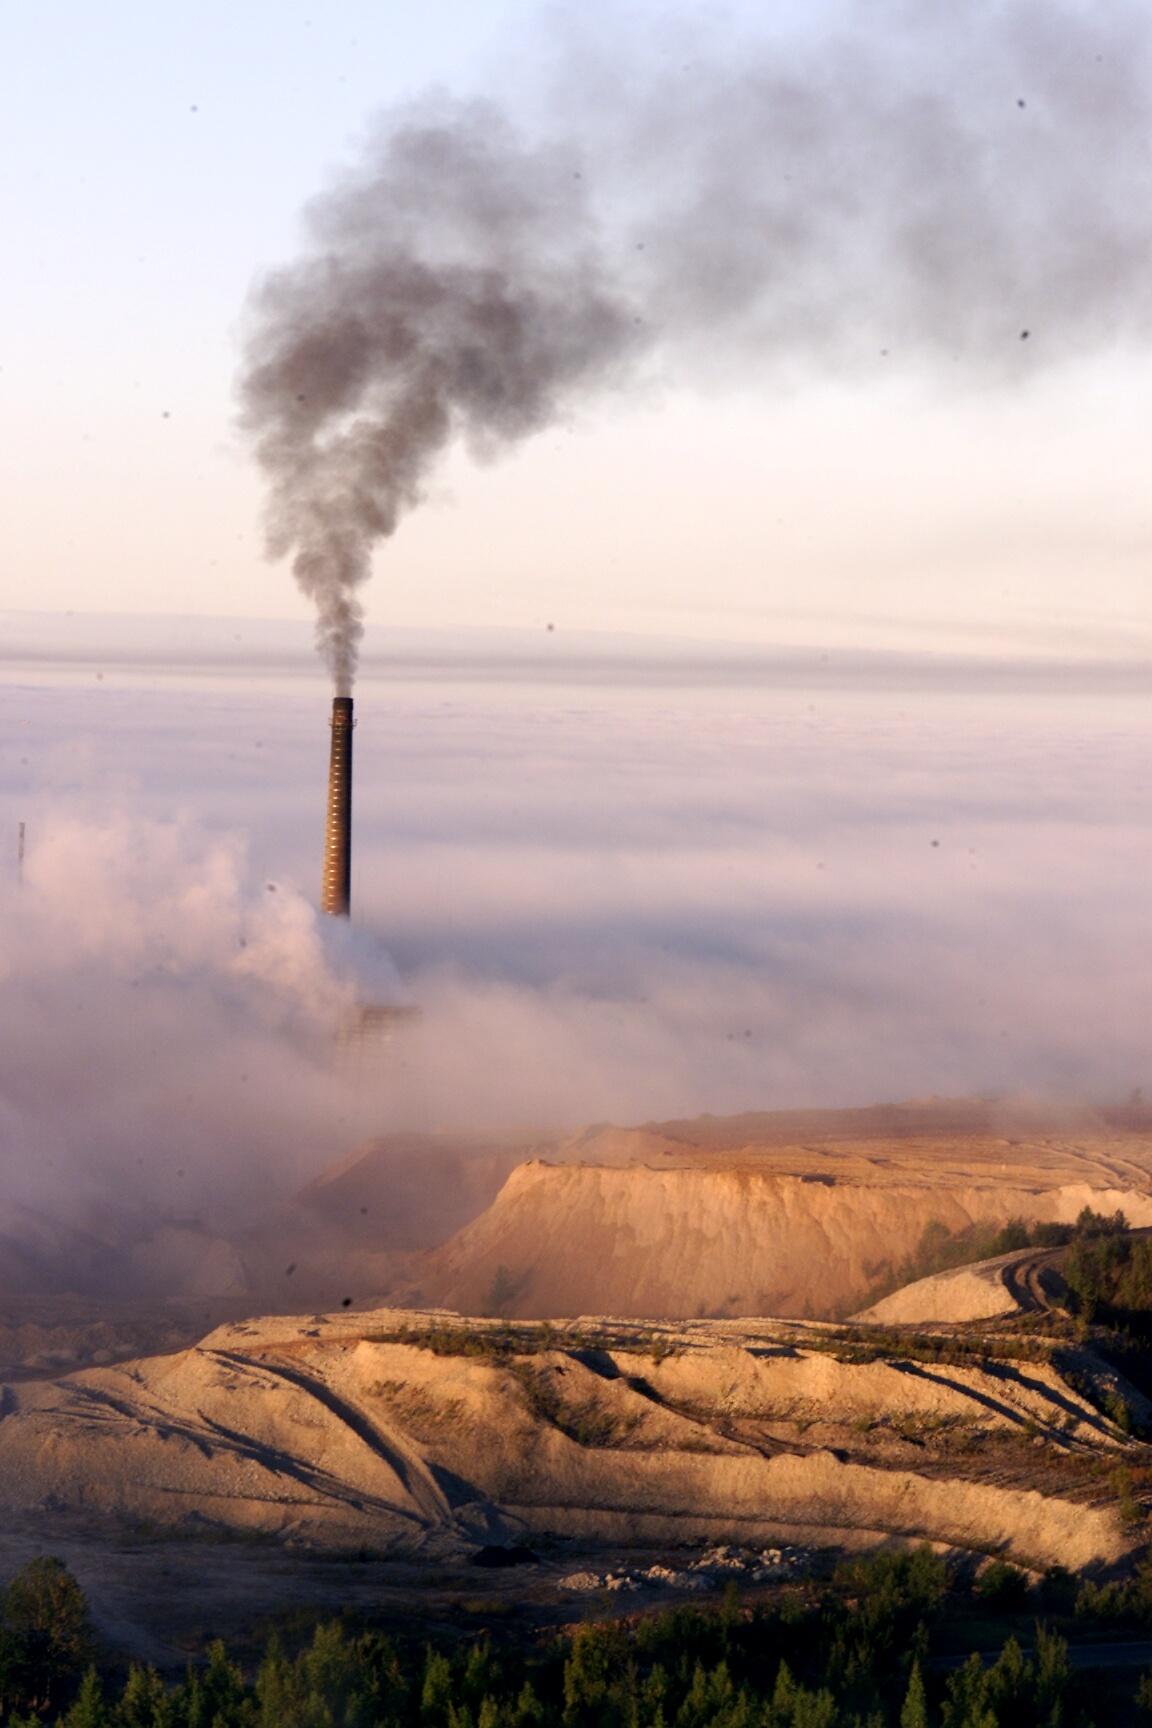 Tossupilved ja tuhamäed Kiviõlis annavad tunnistust väga energiamahukast majandusest, mis ei lähe kuidagi kokku Eesti välja hõigatud säästva arengu eesmärkidega. Foto: Egert Kamenik / Postimees / Scanpix